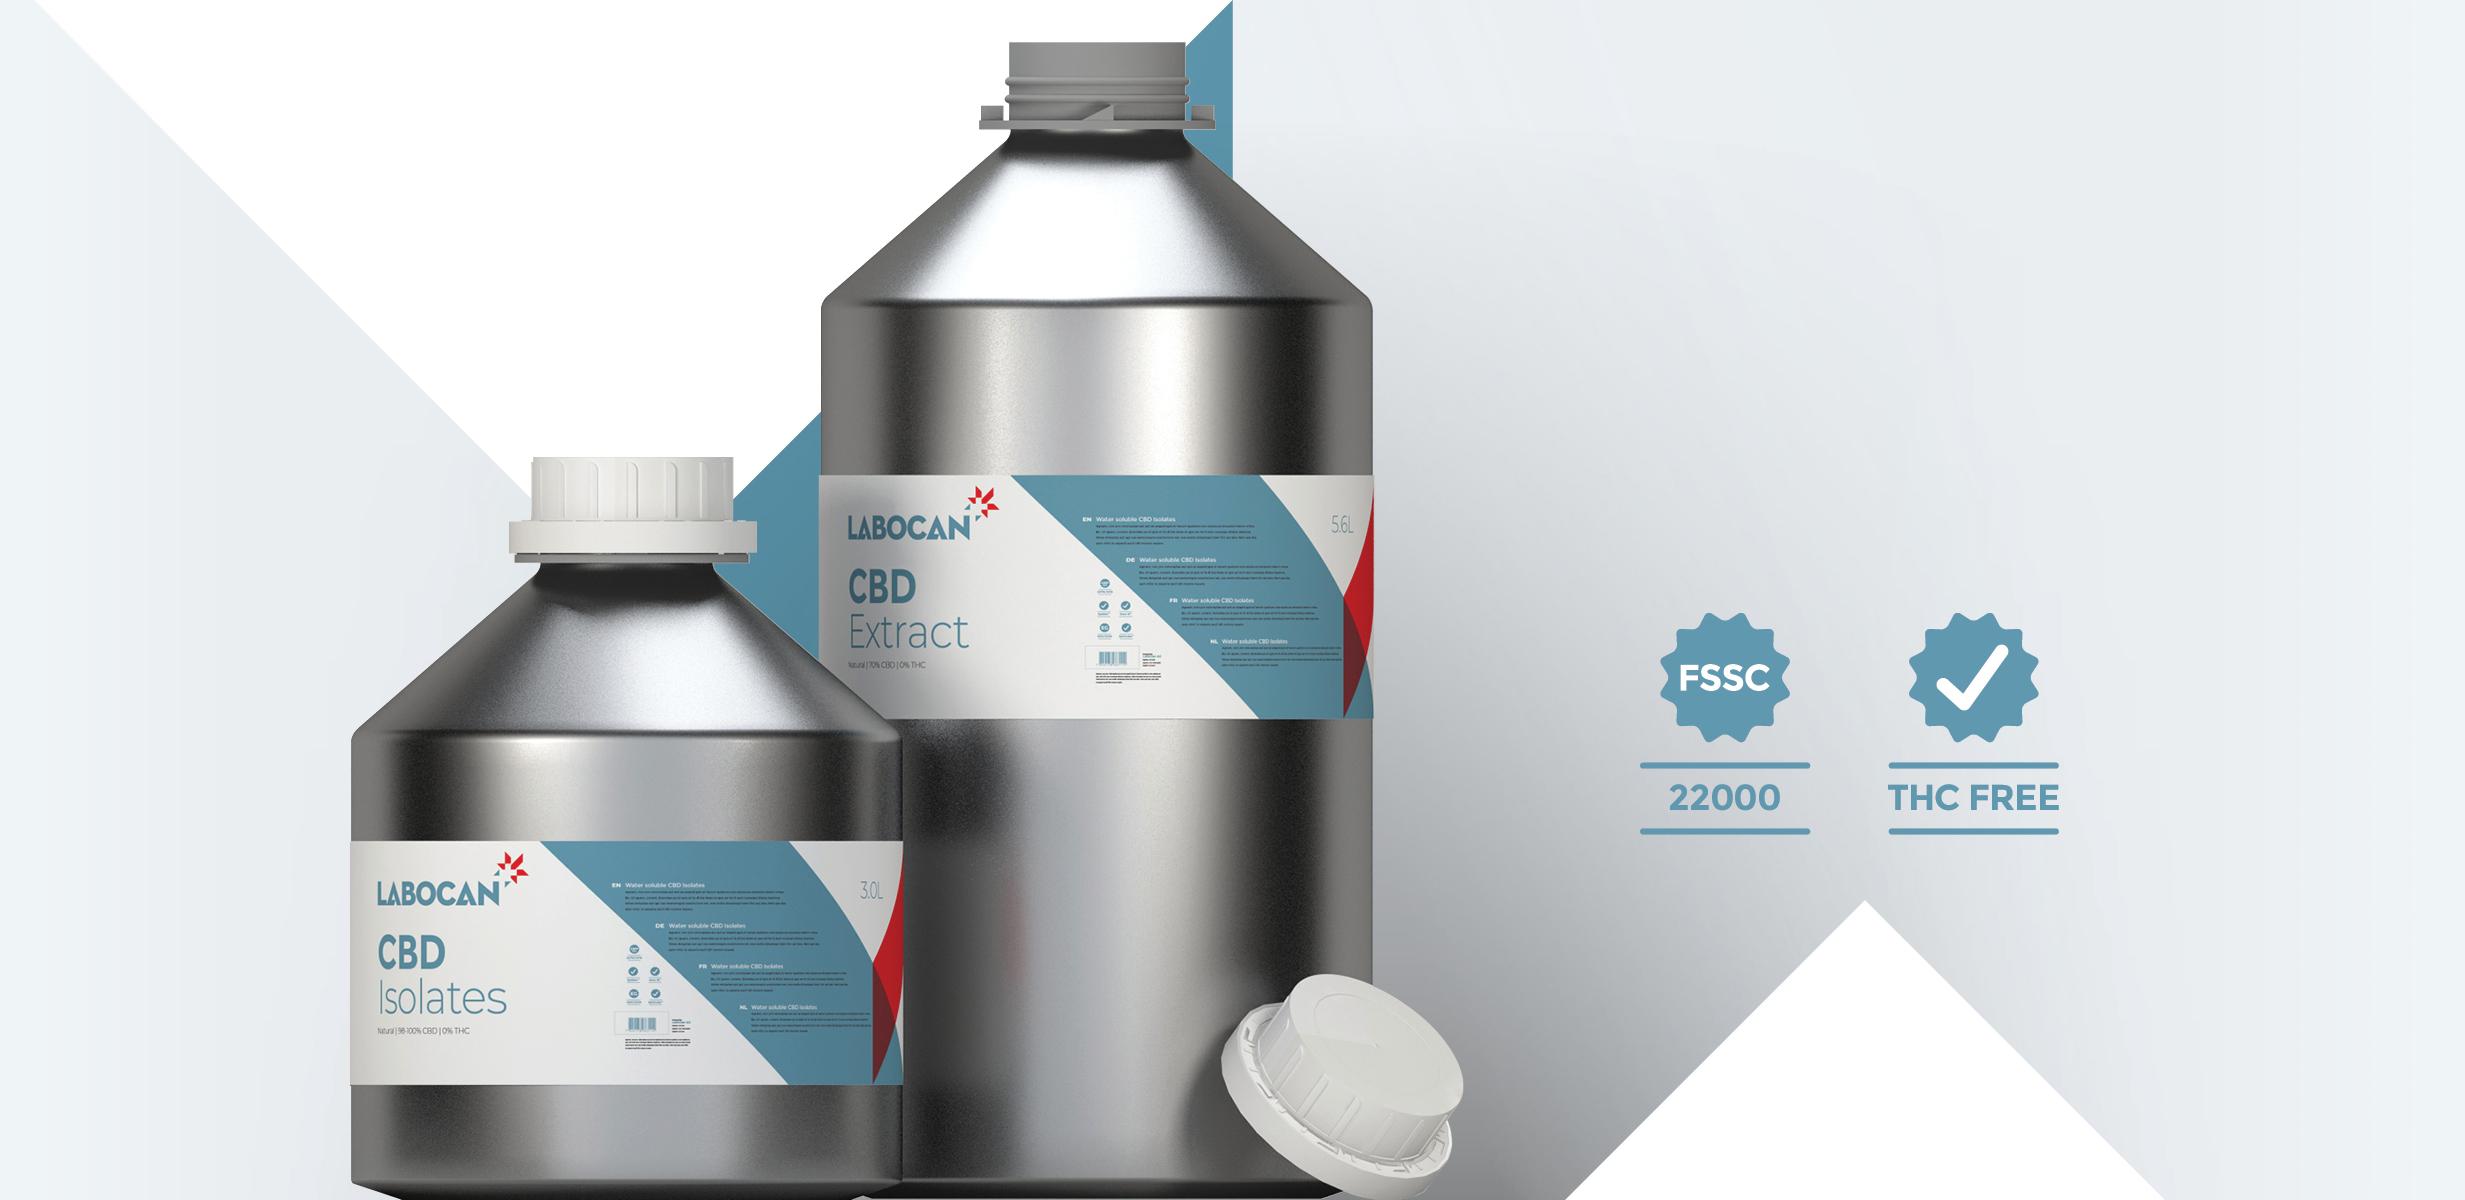 Aislados de CBD y Extracto de CBD libre de THC